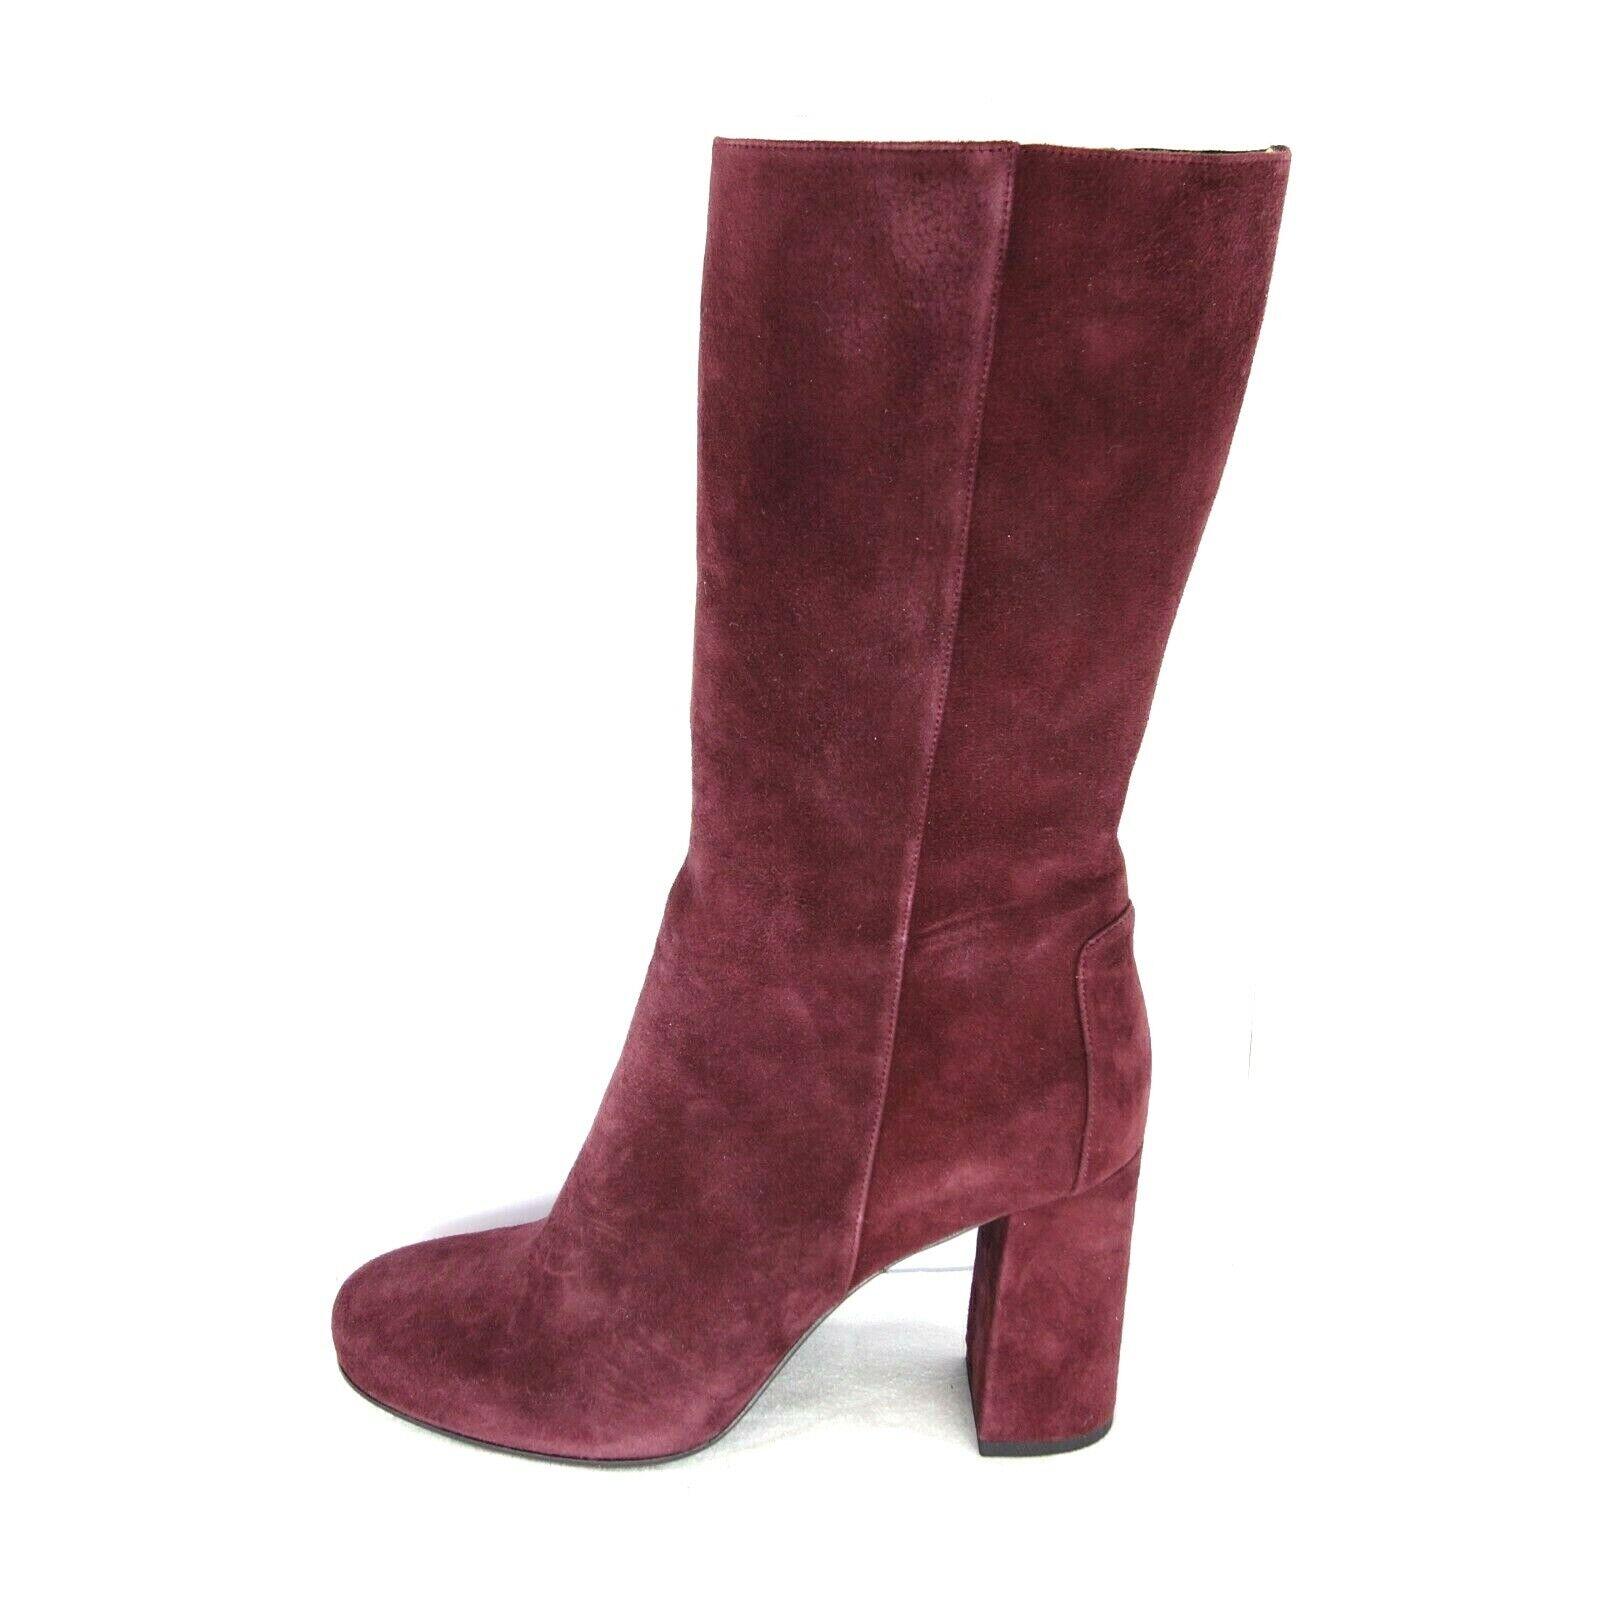 d3b978c2 Trumans botas Mujer 1870 Piel de ante Cuero Bordeaux Rojo Tacón Zapatos Np  425 nojsvy1047-Botas